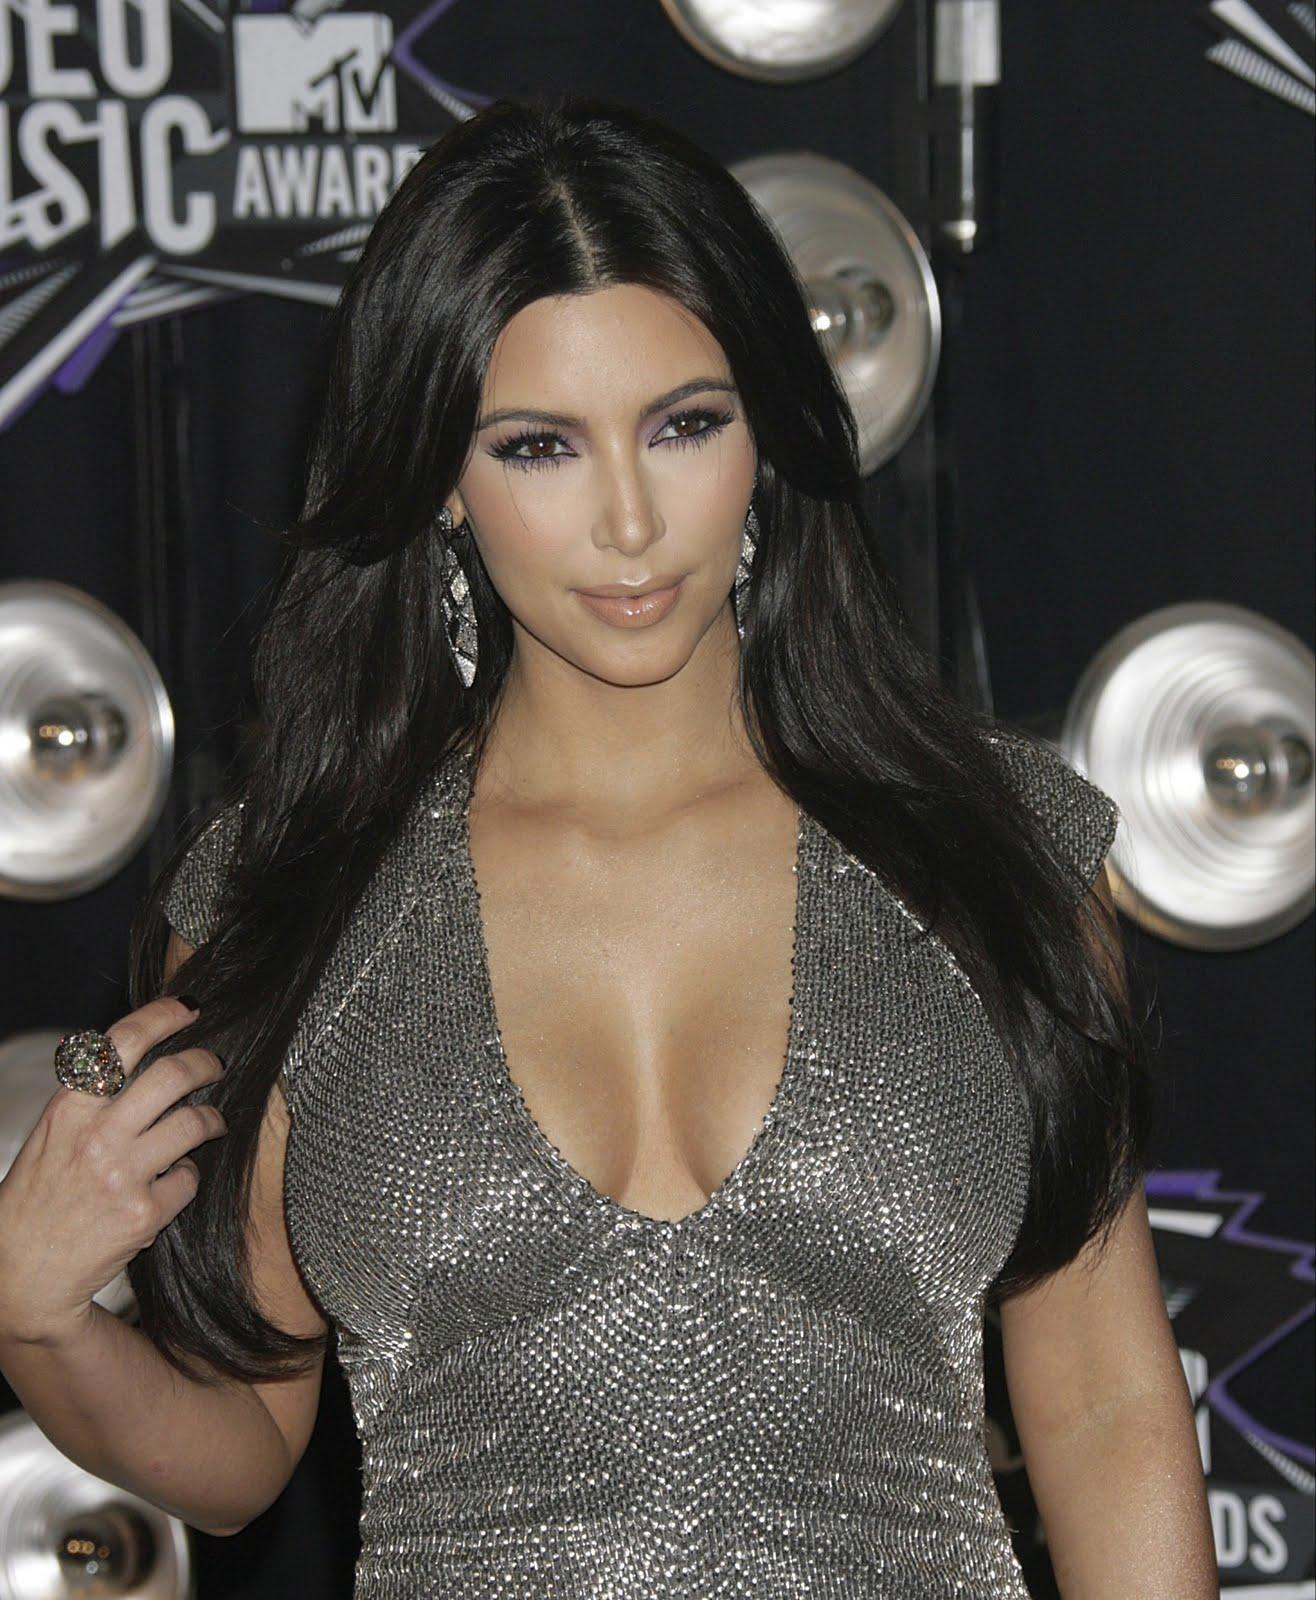 http://2.bp.blogspot.com/-3b4OU0CrfsA/TqQBYd26U1I/AAAAAAAAFTY/Mc_Re76iCwE/s1600/Kim-Kardashian-65.jpg